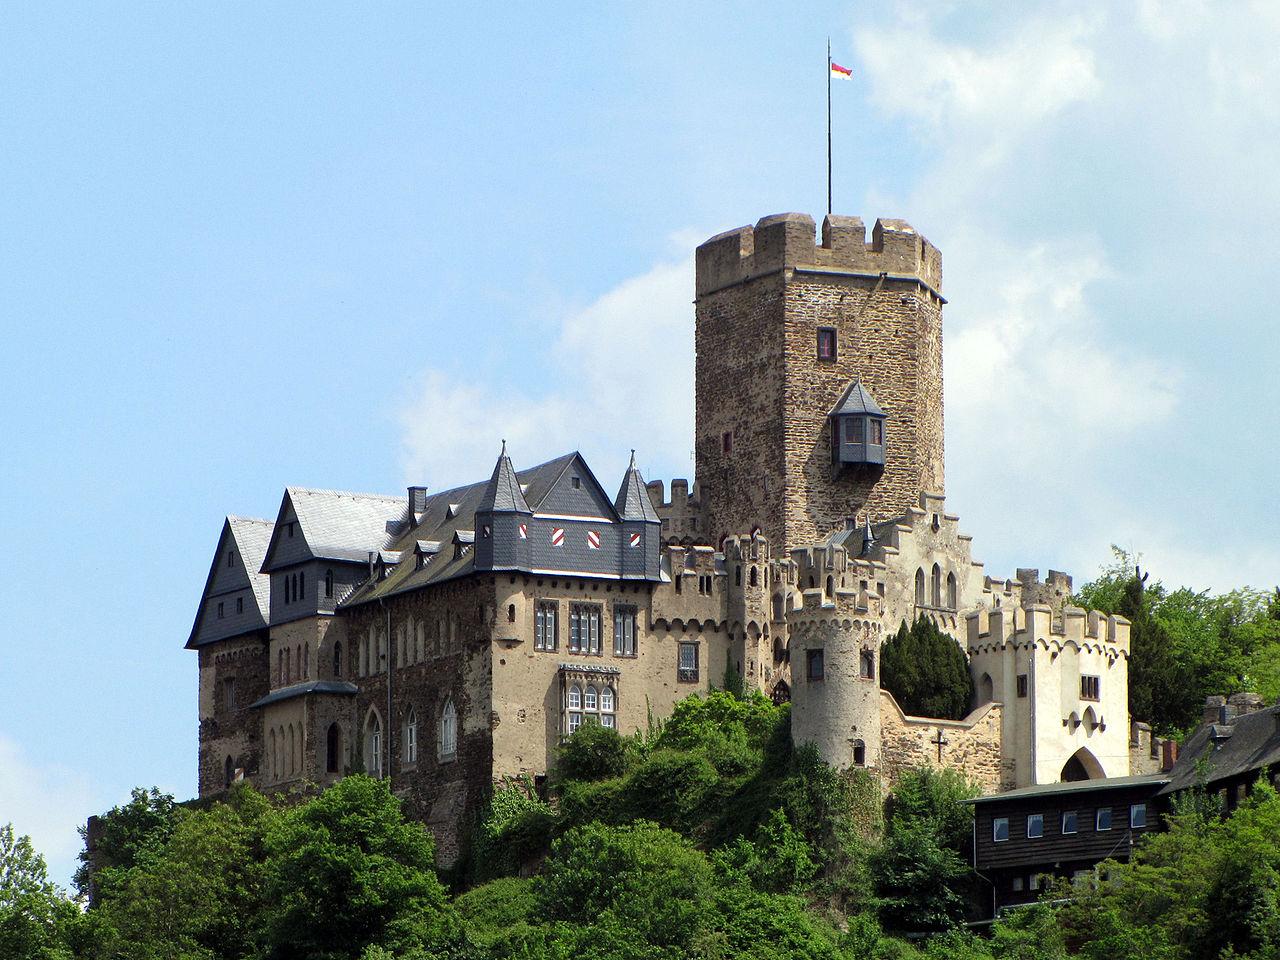 Bild Burg Lahneck Lahnstein